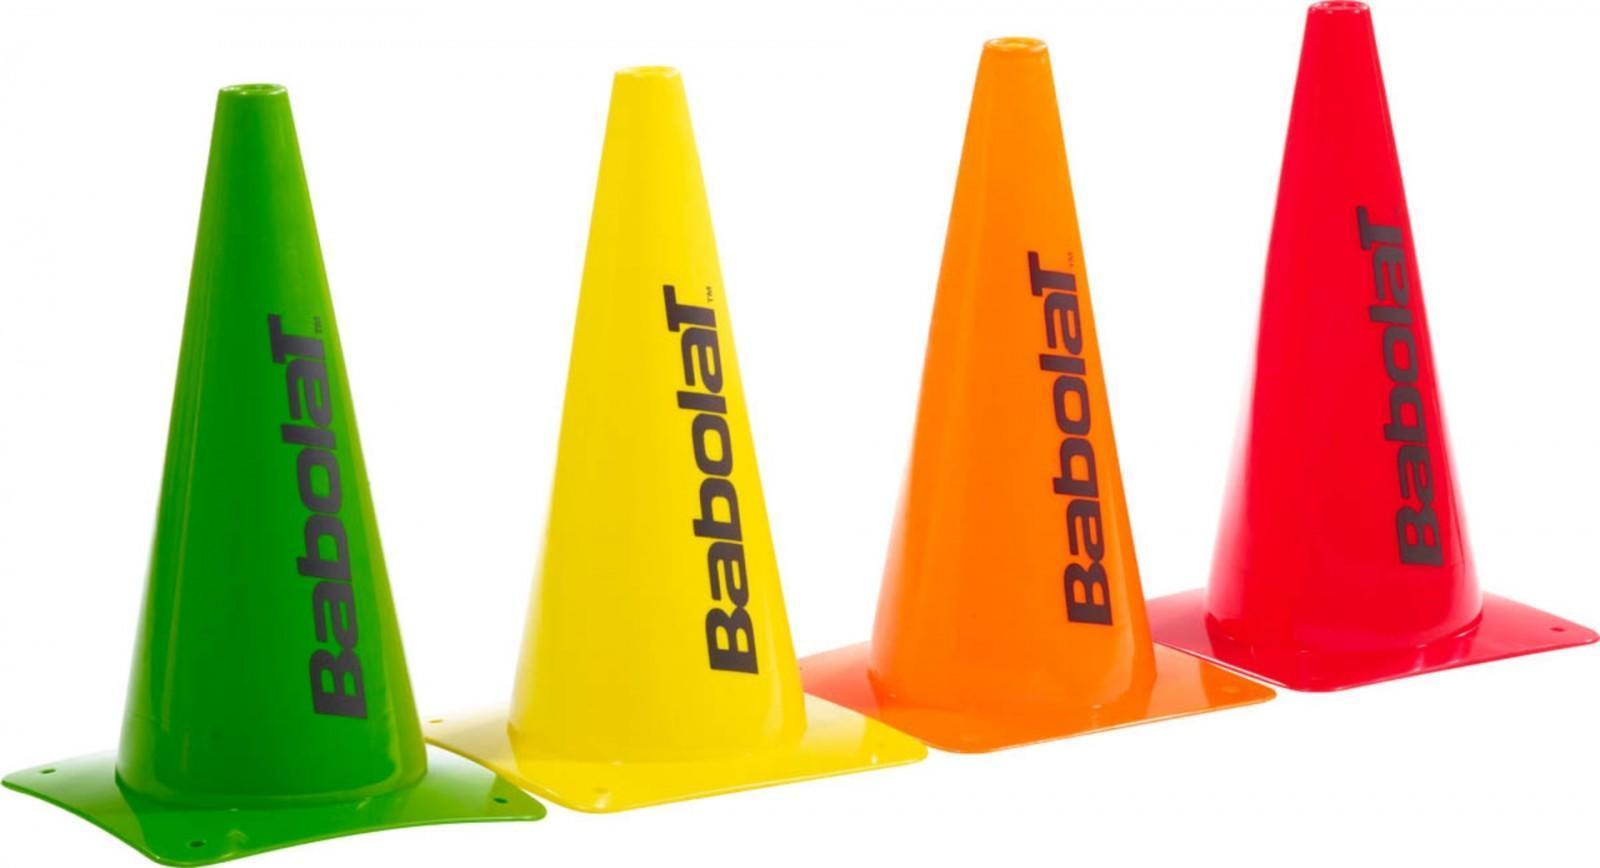 Конусы тренировочные Babolat Large Cones 30 cm - 8 шт.